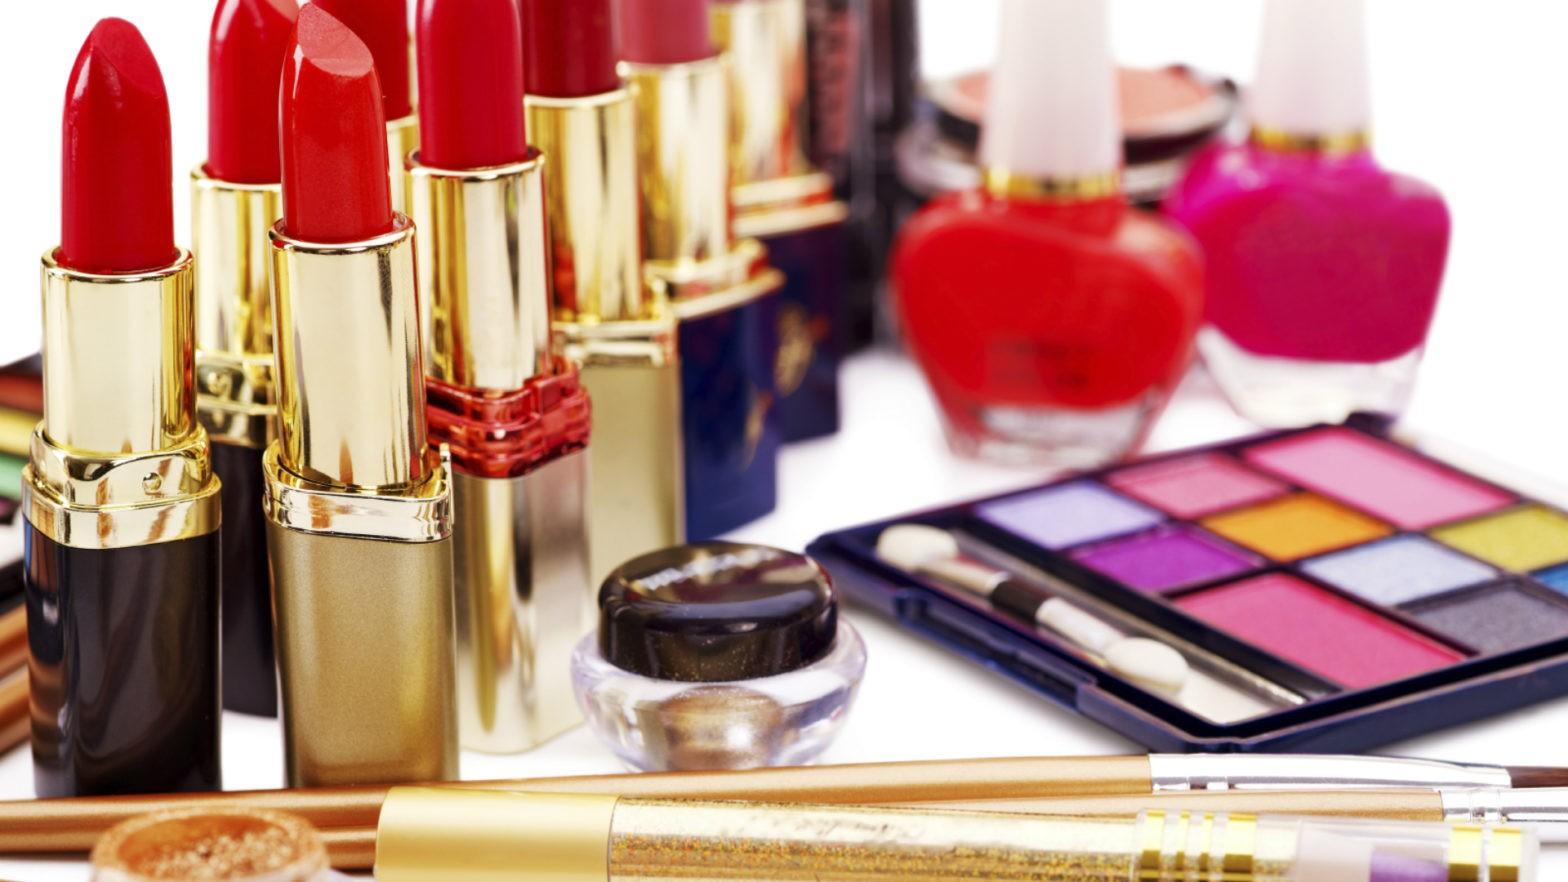 Vários itens de maquiagem em cima da mesa.